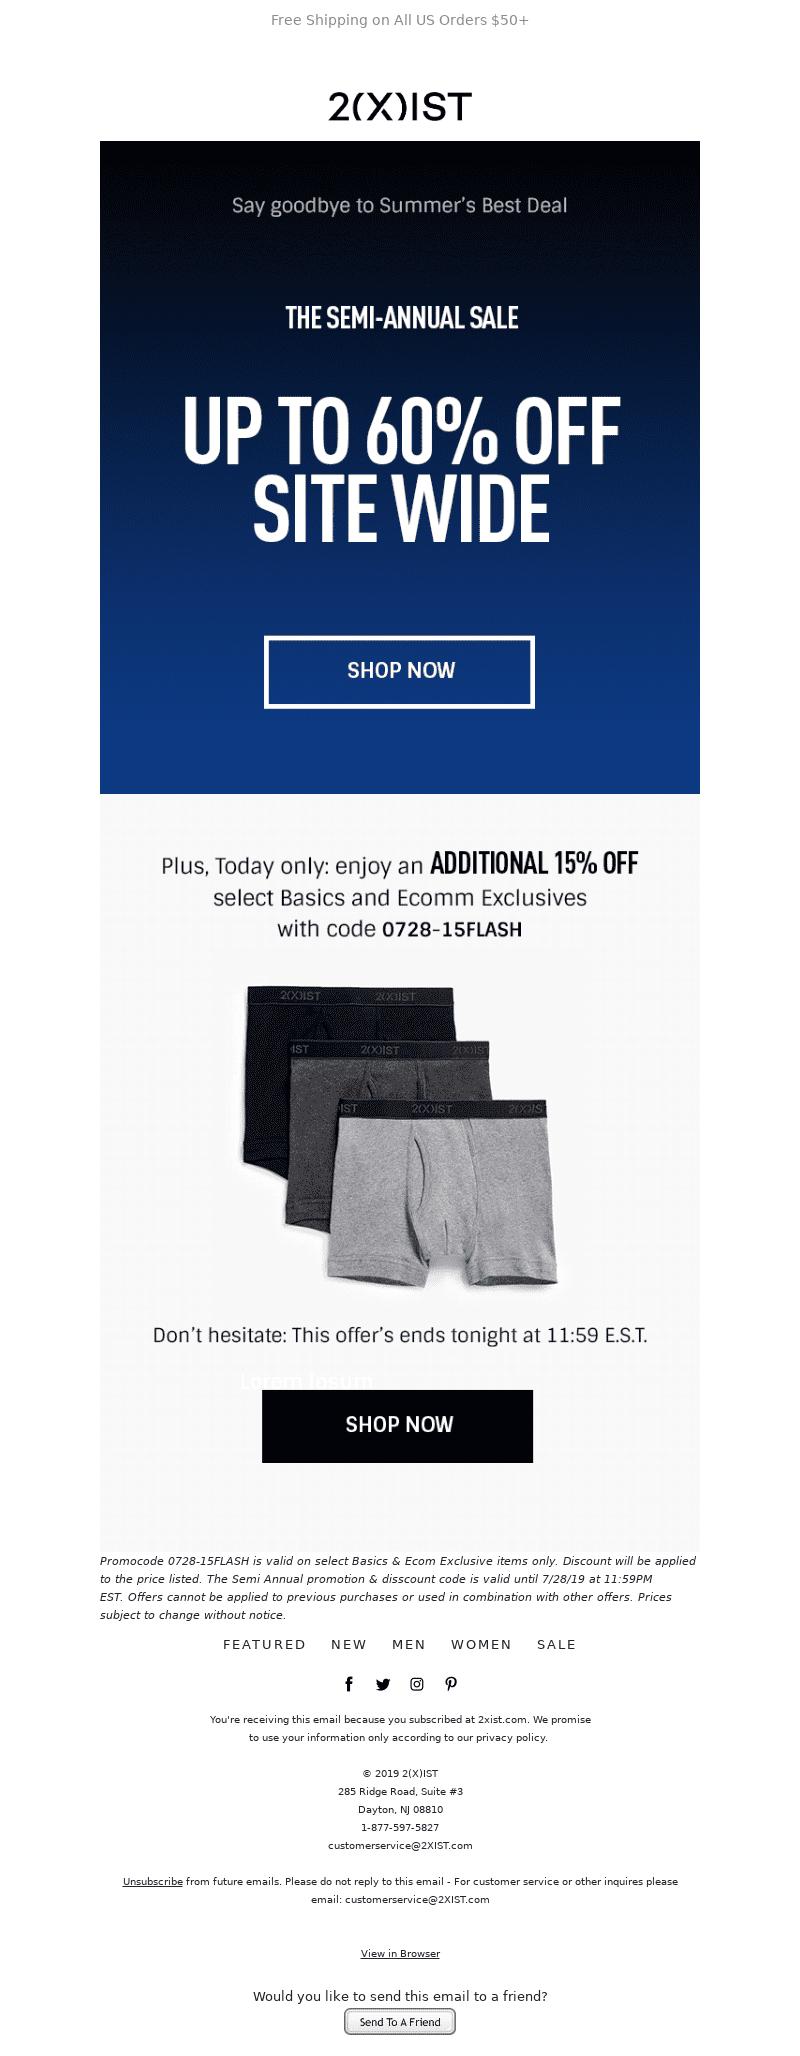 ejemplo email para reactivar usuarios desde su última interacción